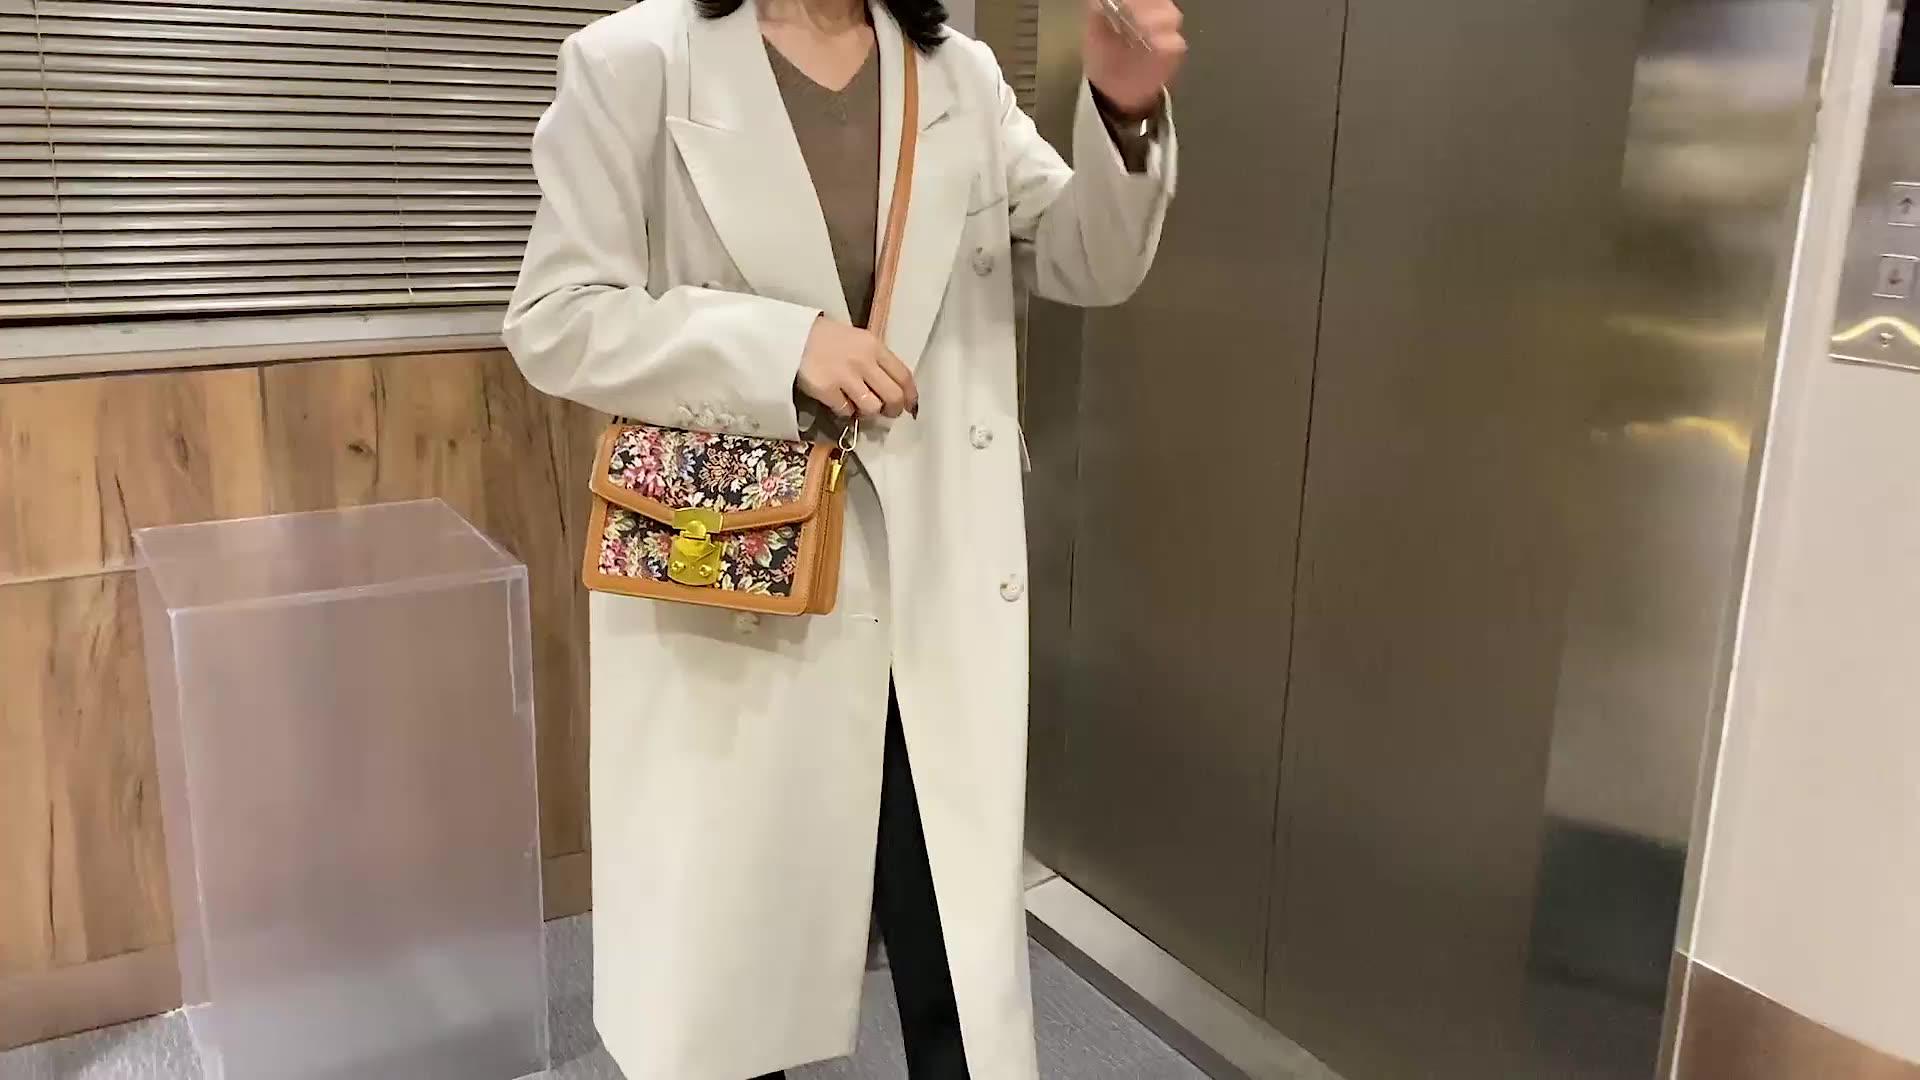 Venta caliente Lasun suka bolso de las mujeres de la moda bolsas de mano étnico China monederos y bolsos para el nuevo diseño de las mujeres Buena fábrica precio de lujo